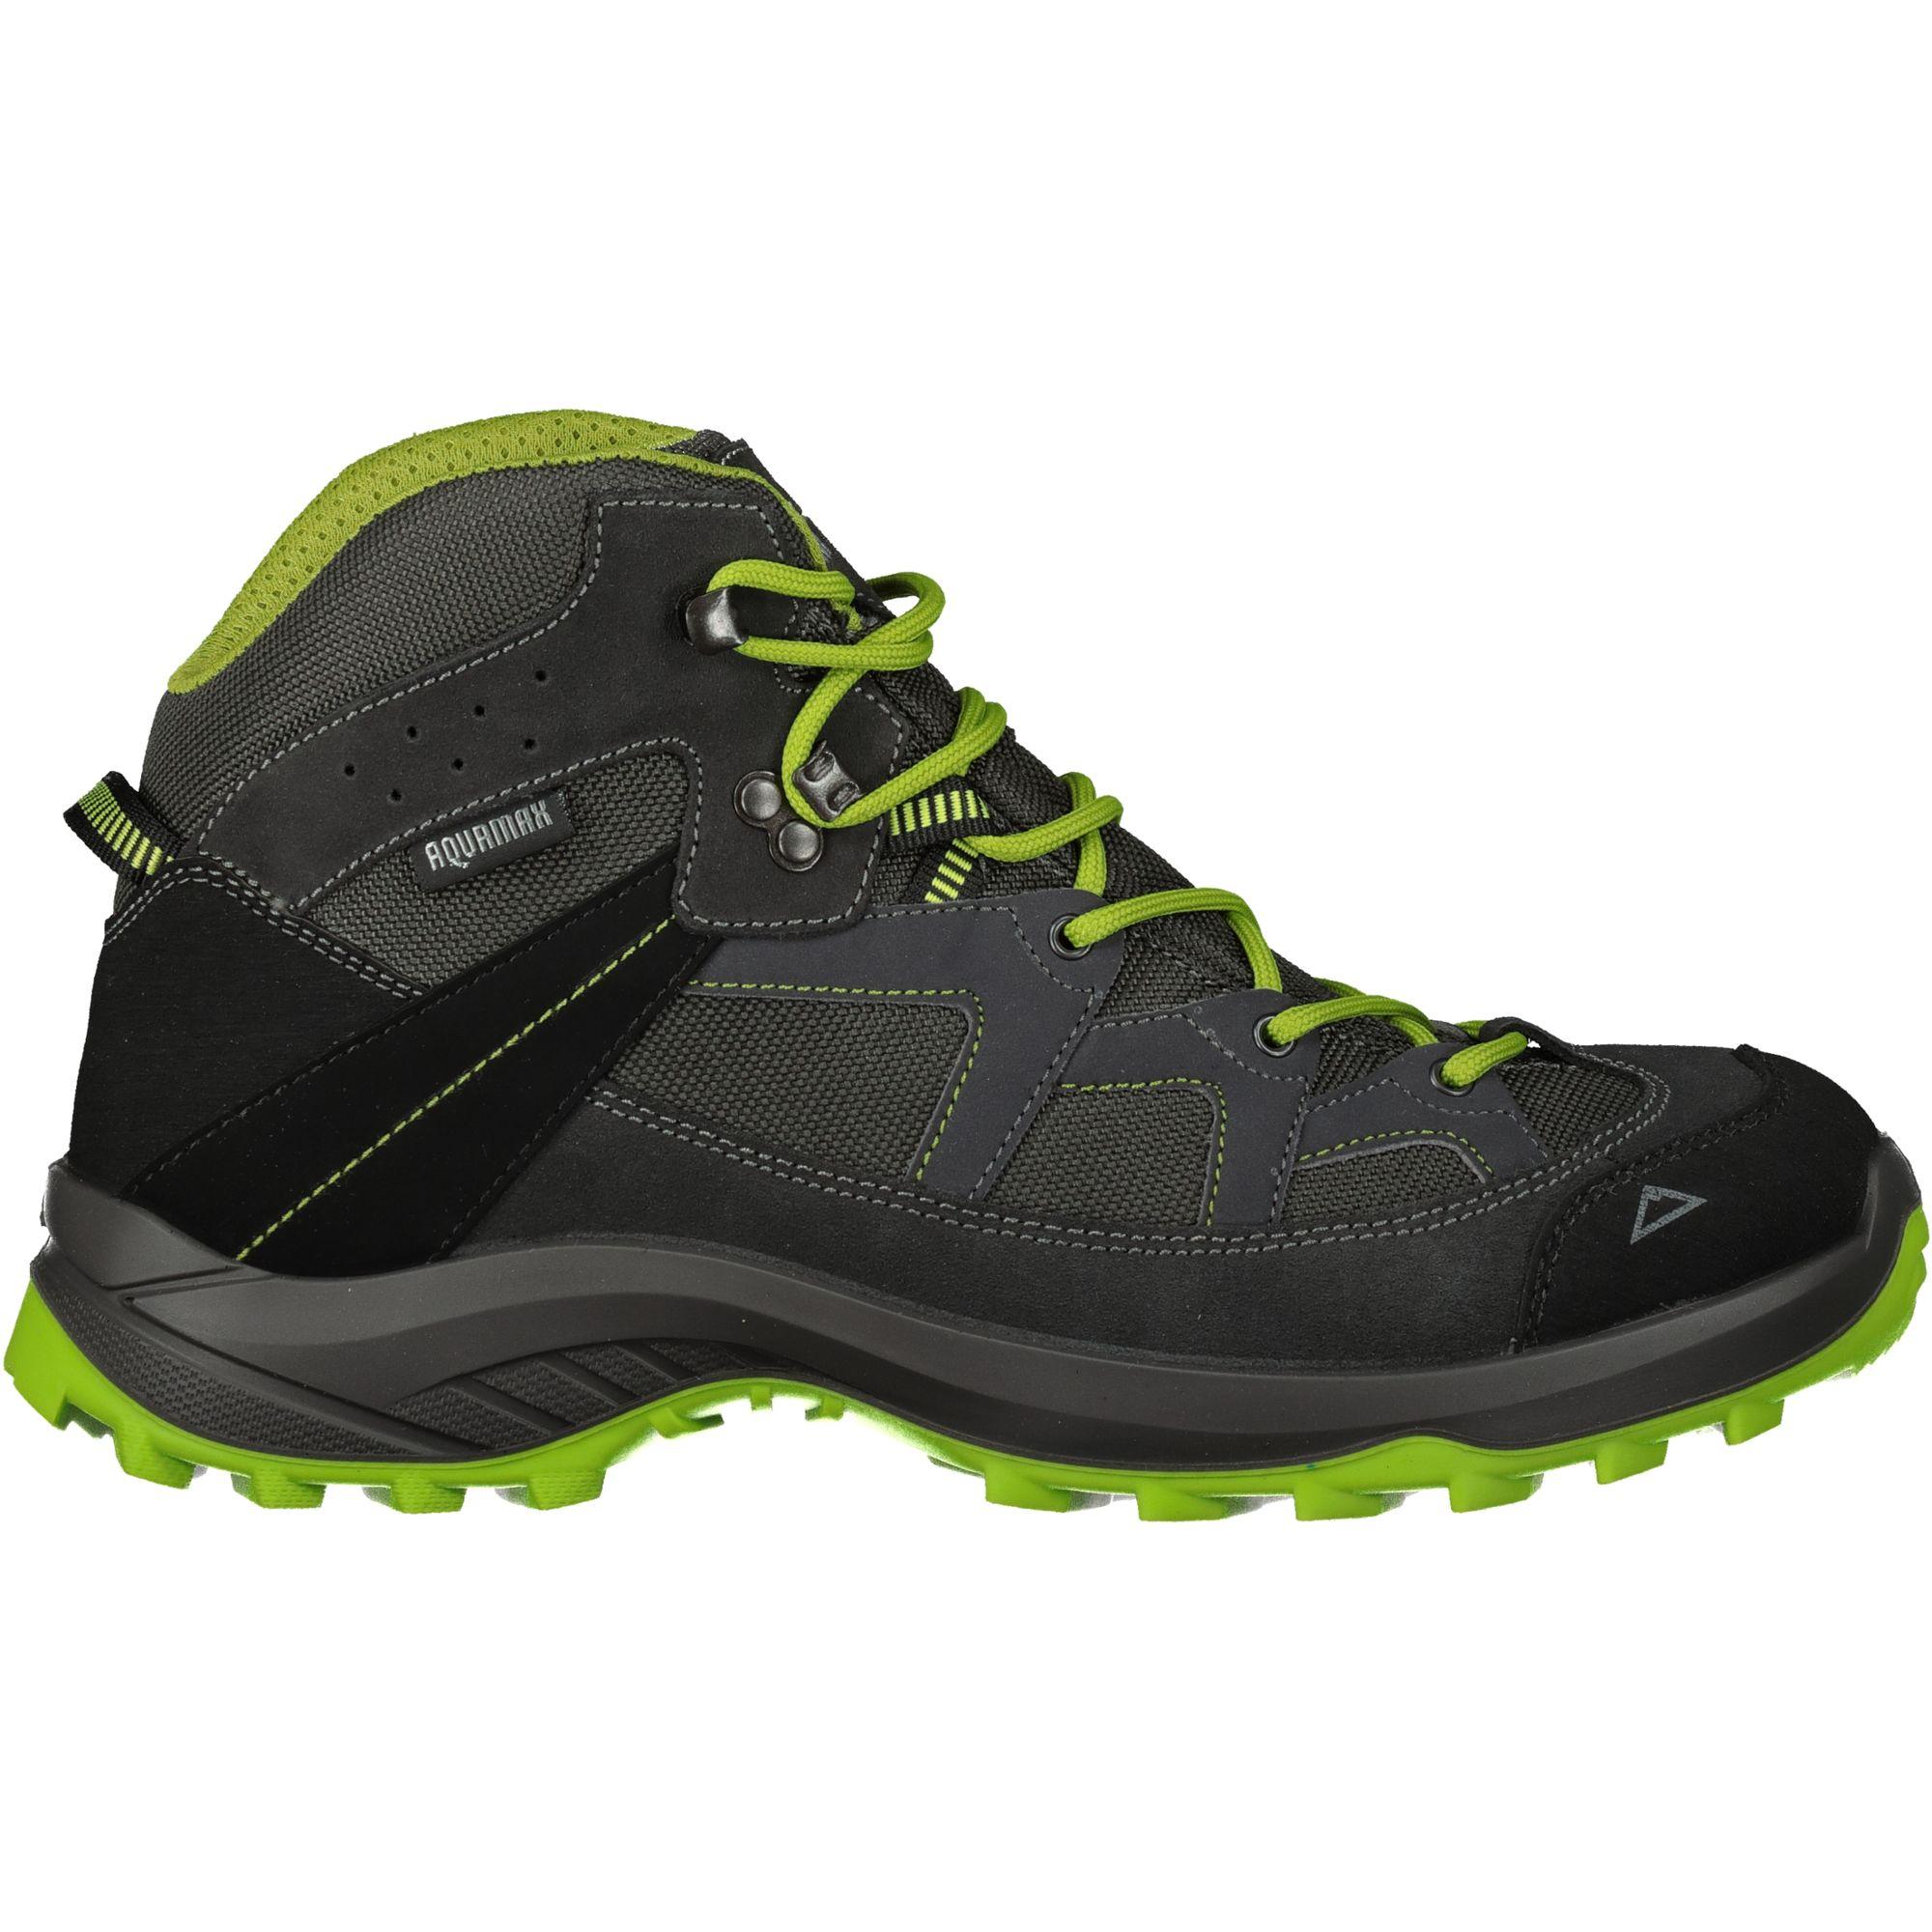 McKinley Herren Multifunktionsschuh Discover Mid AQX Trekkingschuhe Wanderschuhe Men Schuhe Wanderschuhe